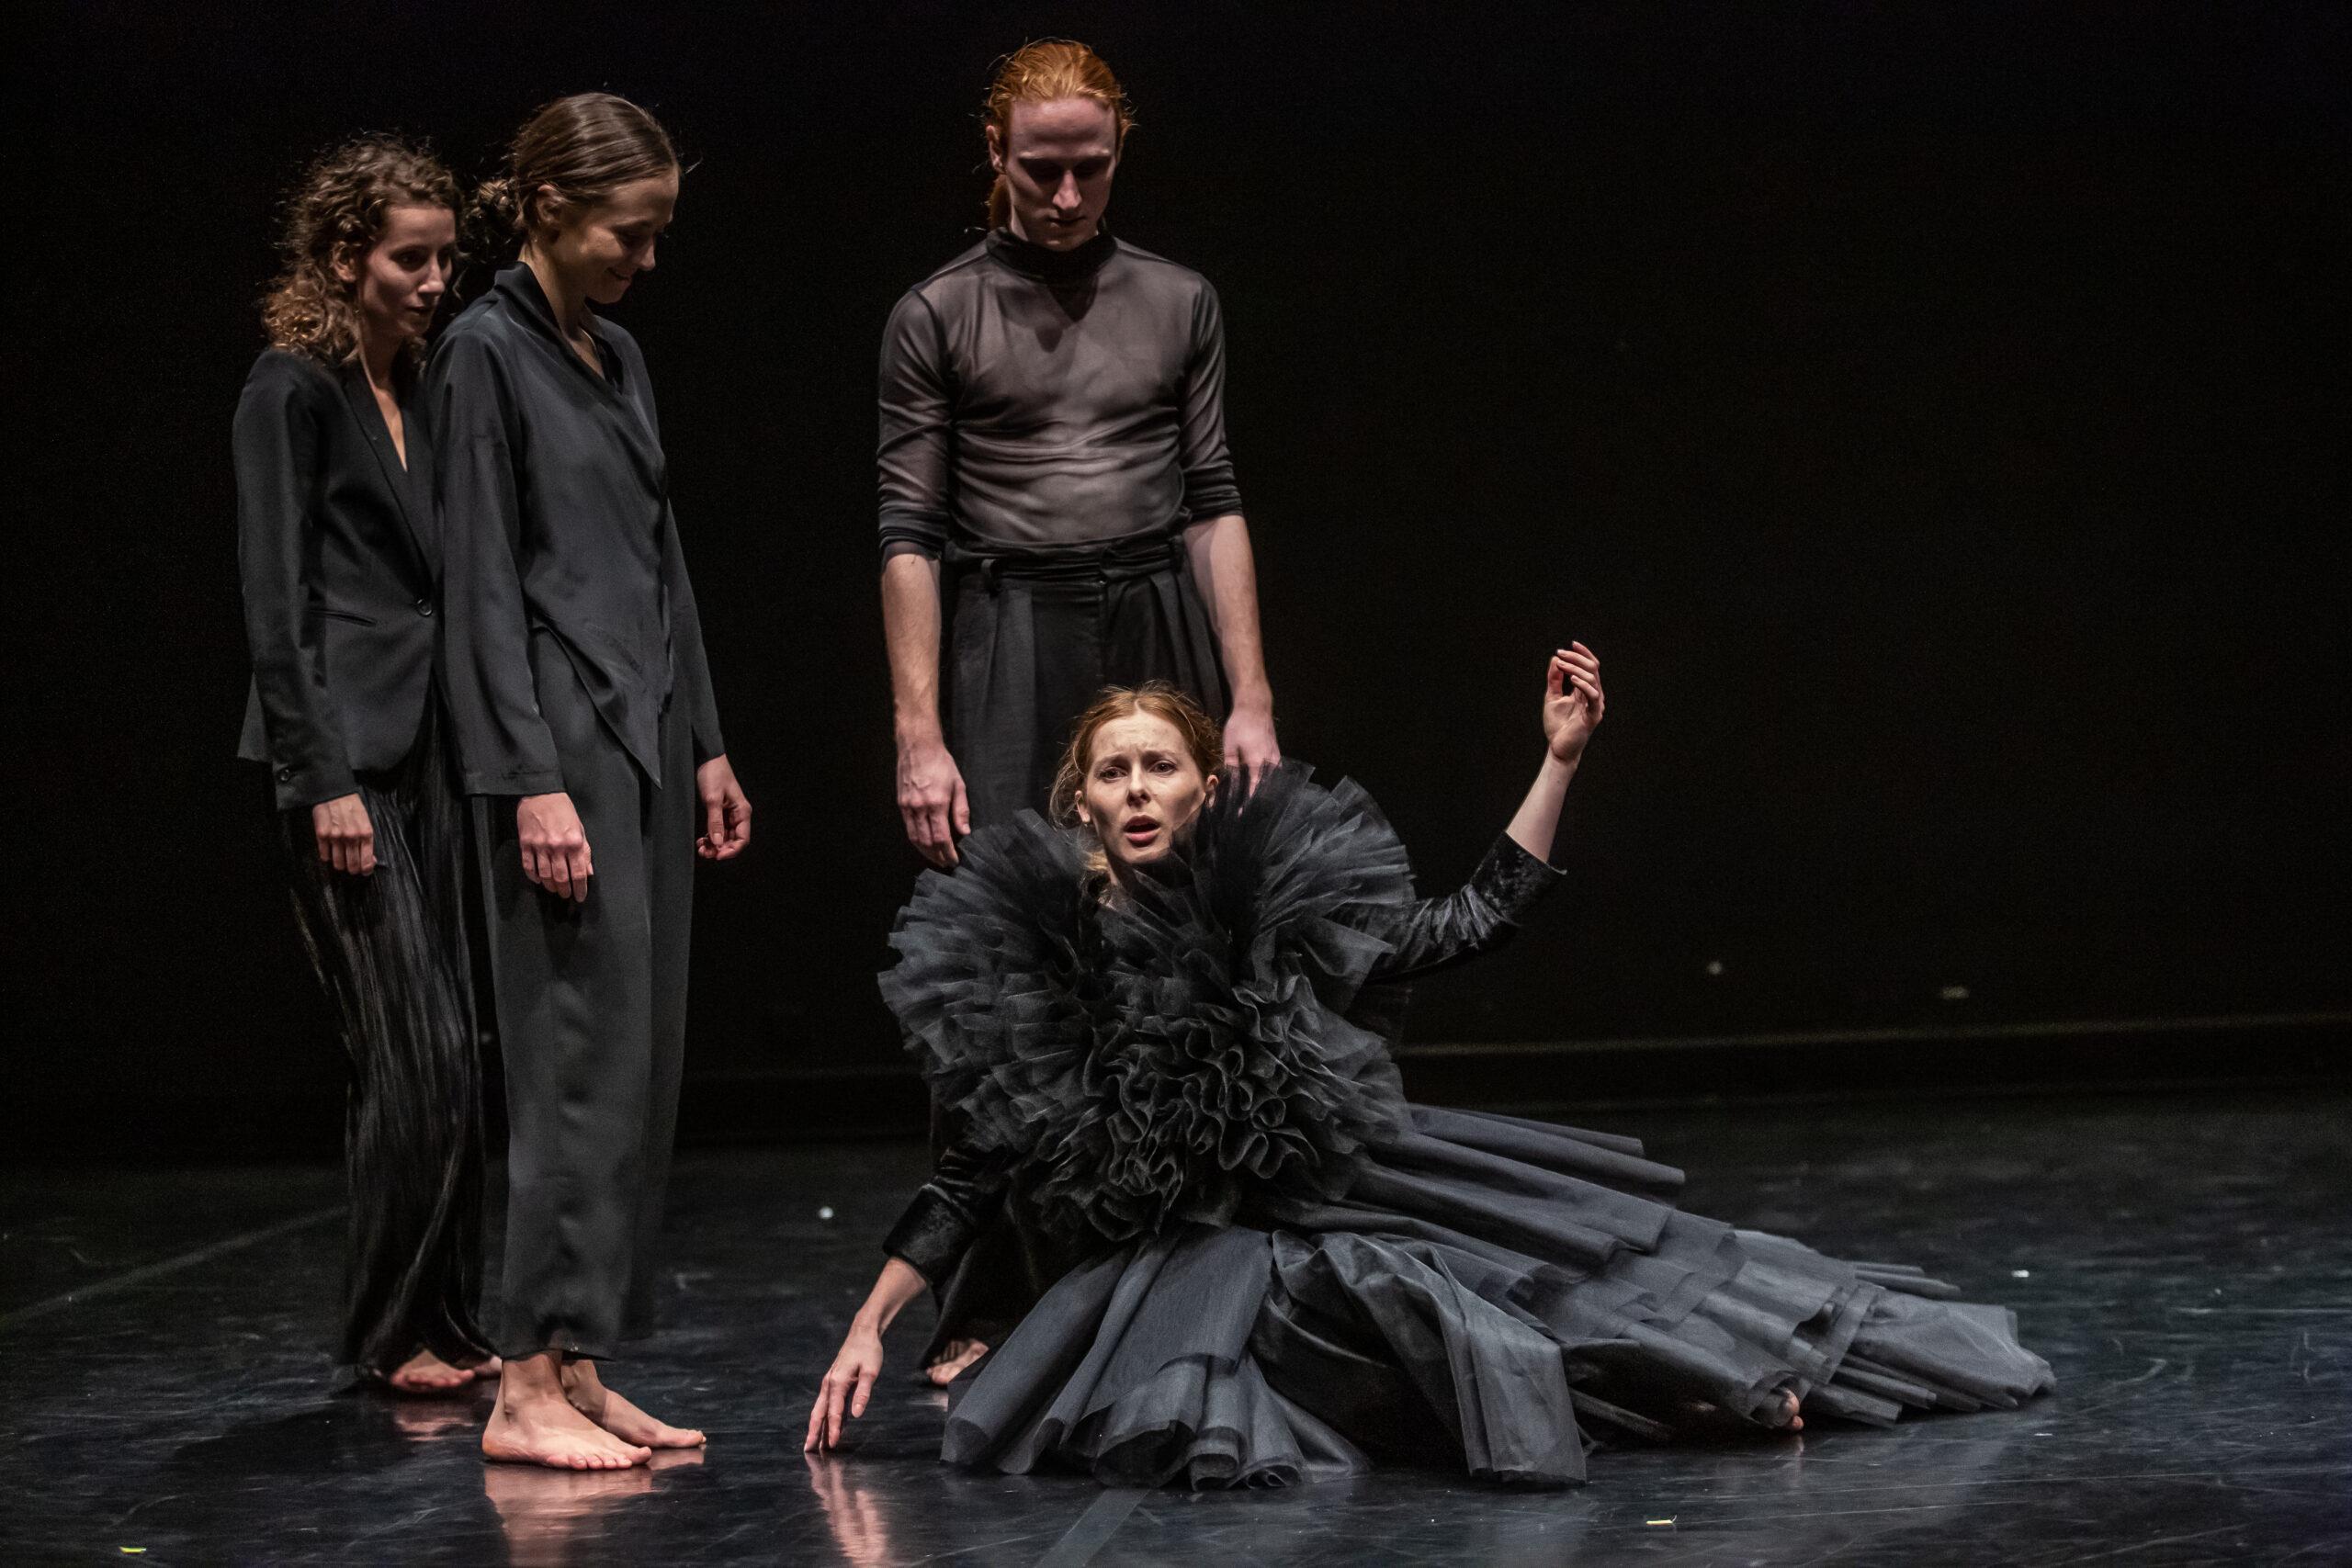 Trzy osoby w czerni stoją nad kobietą w czarnej sukni